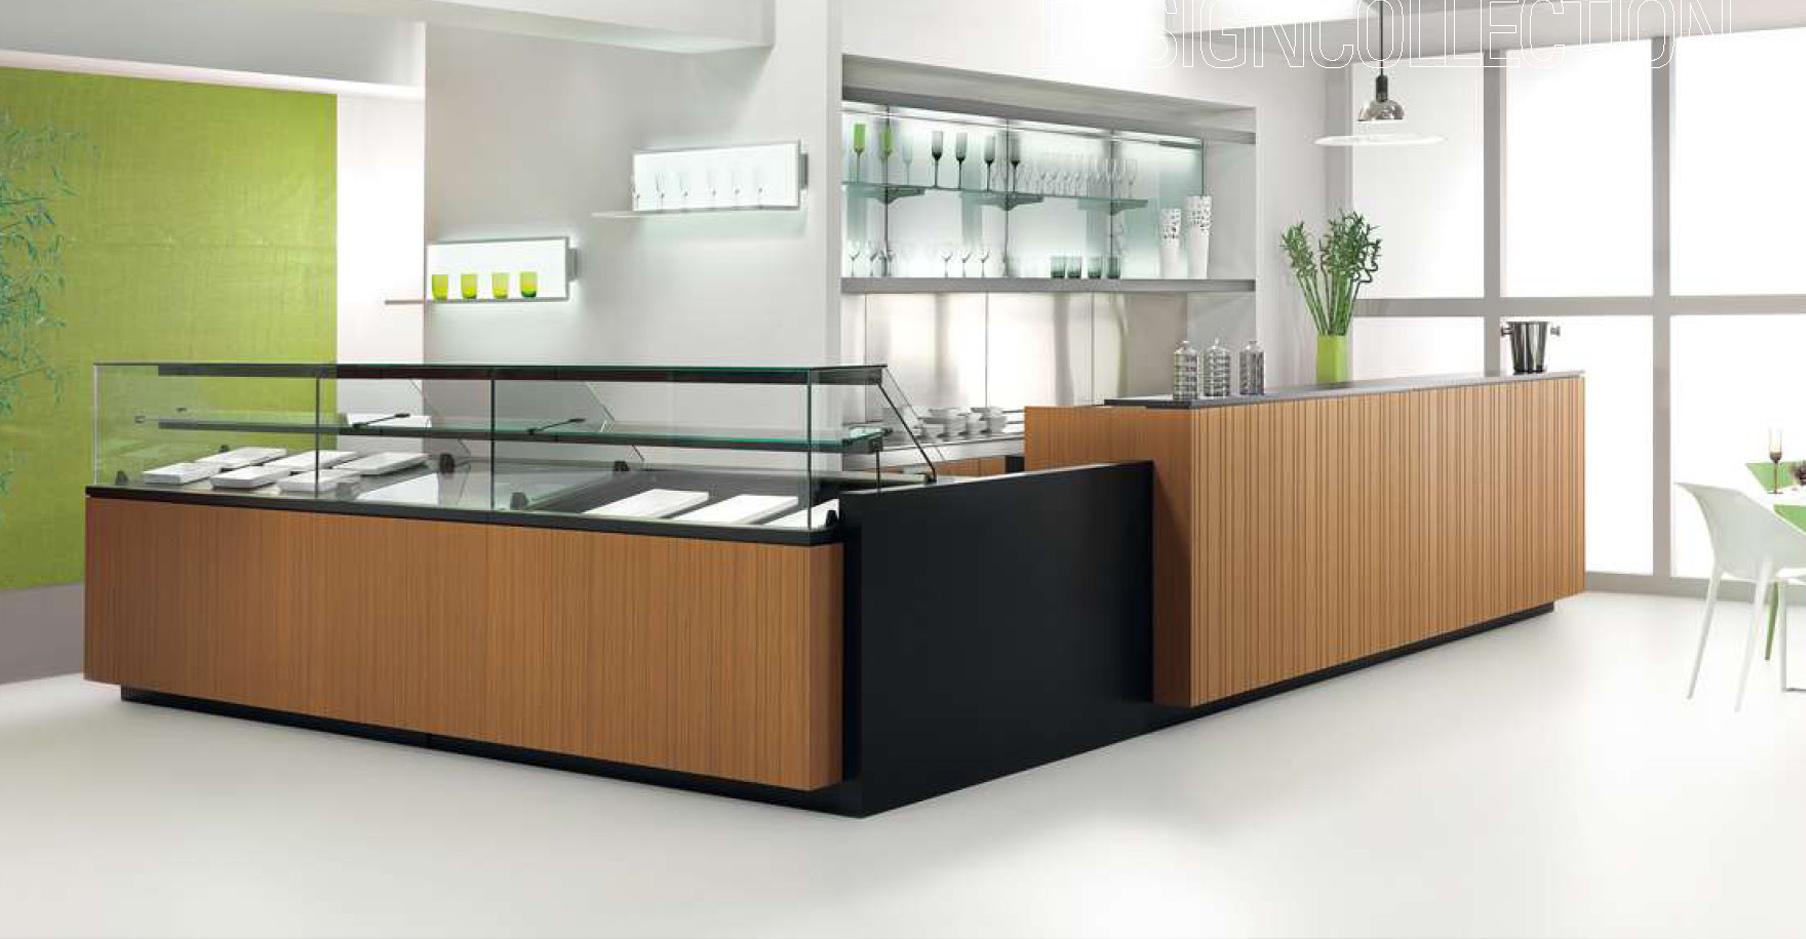 Banco bar business bar arredo bar for Bancone ikea